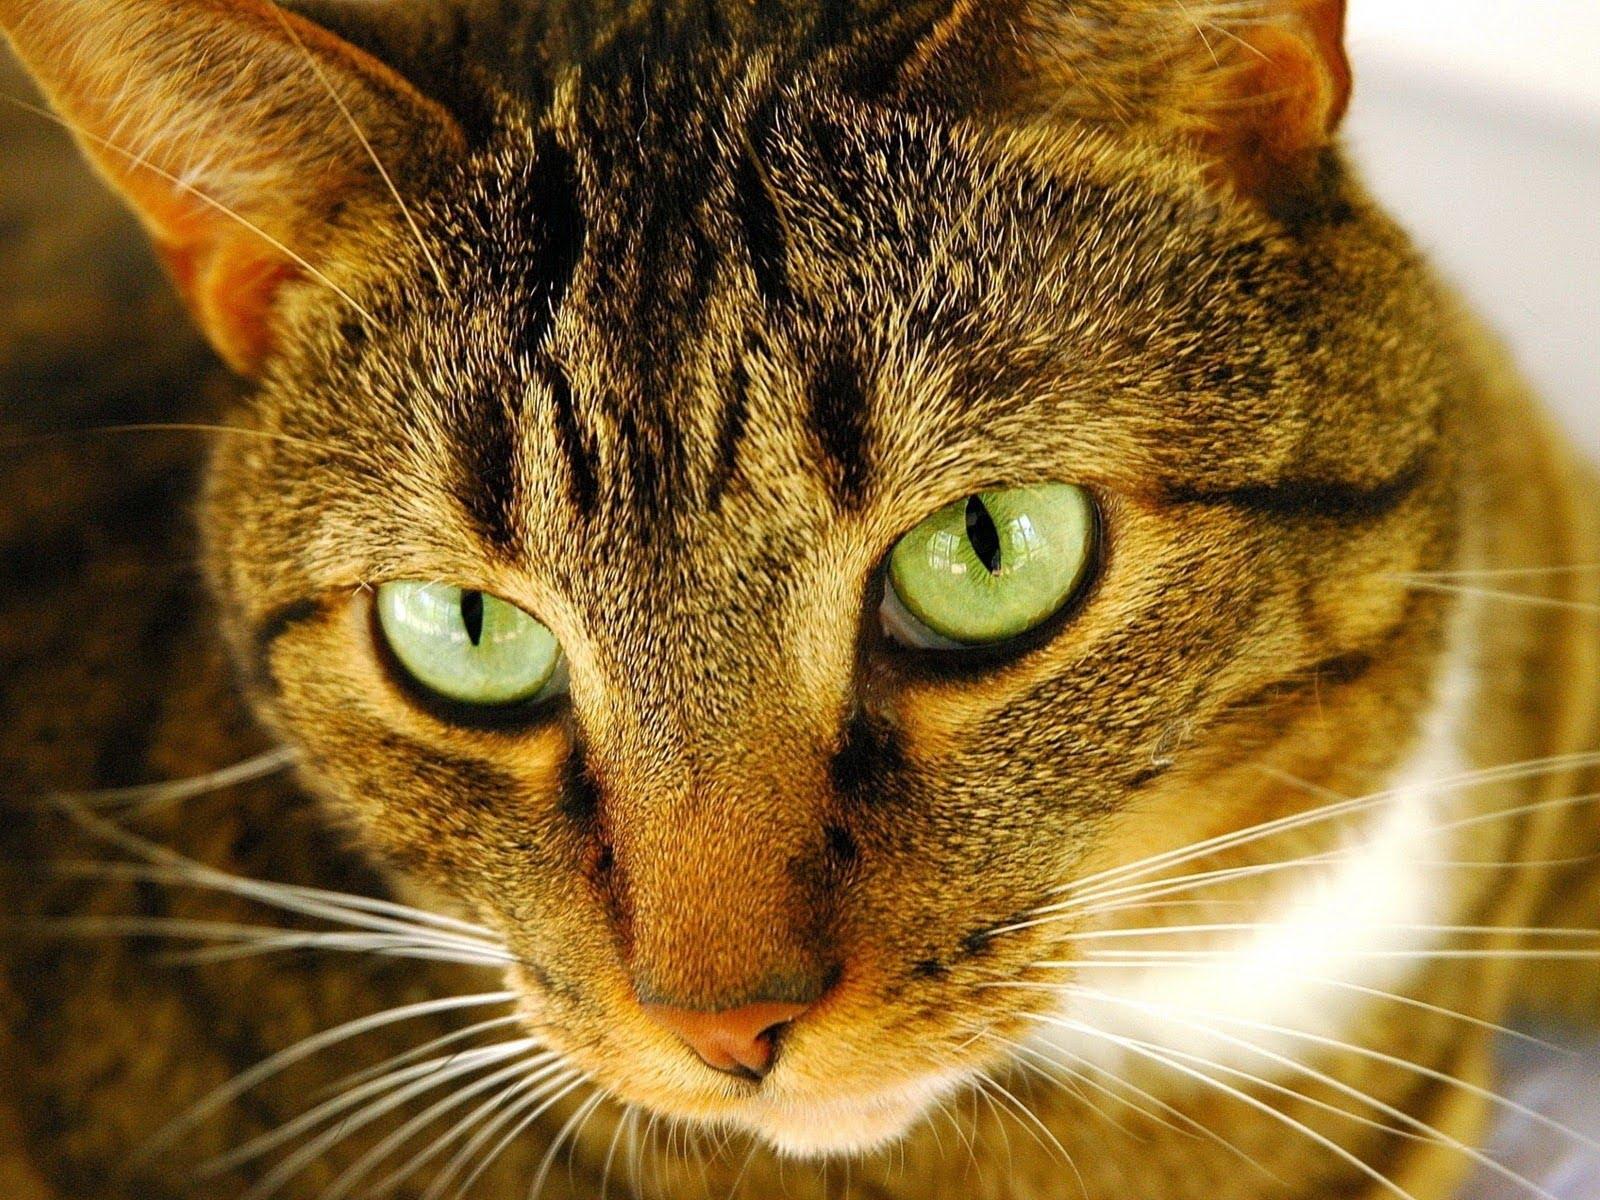 ver imagenes de animales tiernos - Ver fotos de animales tiernos para ser más productivos